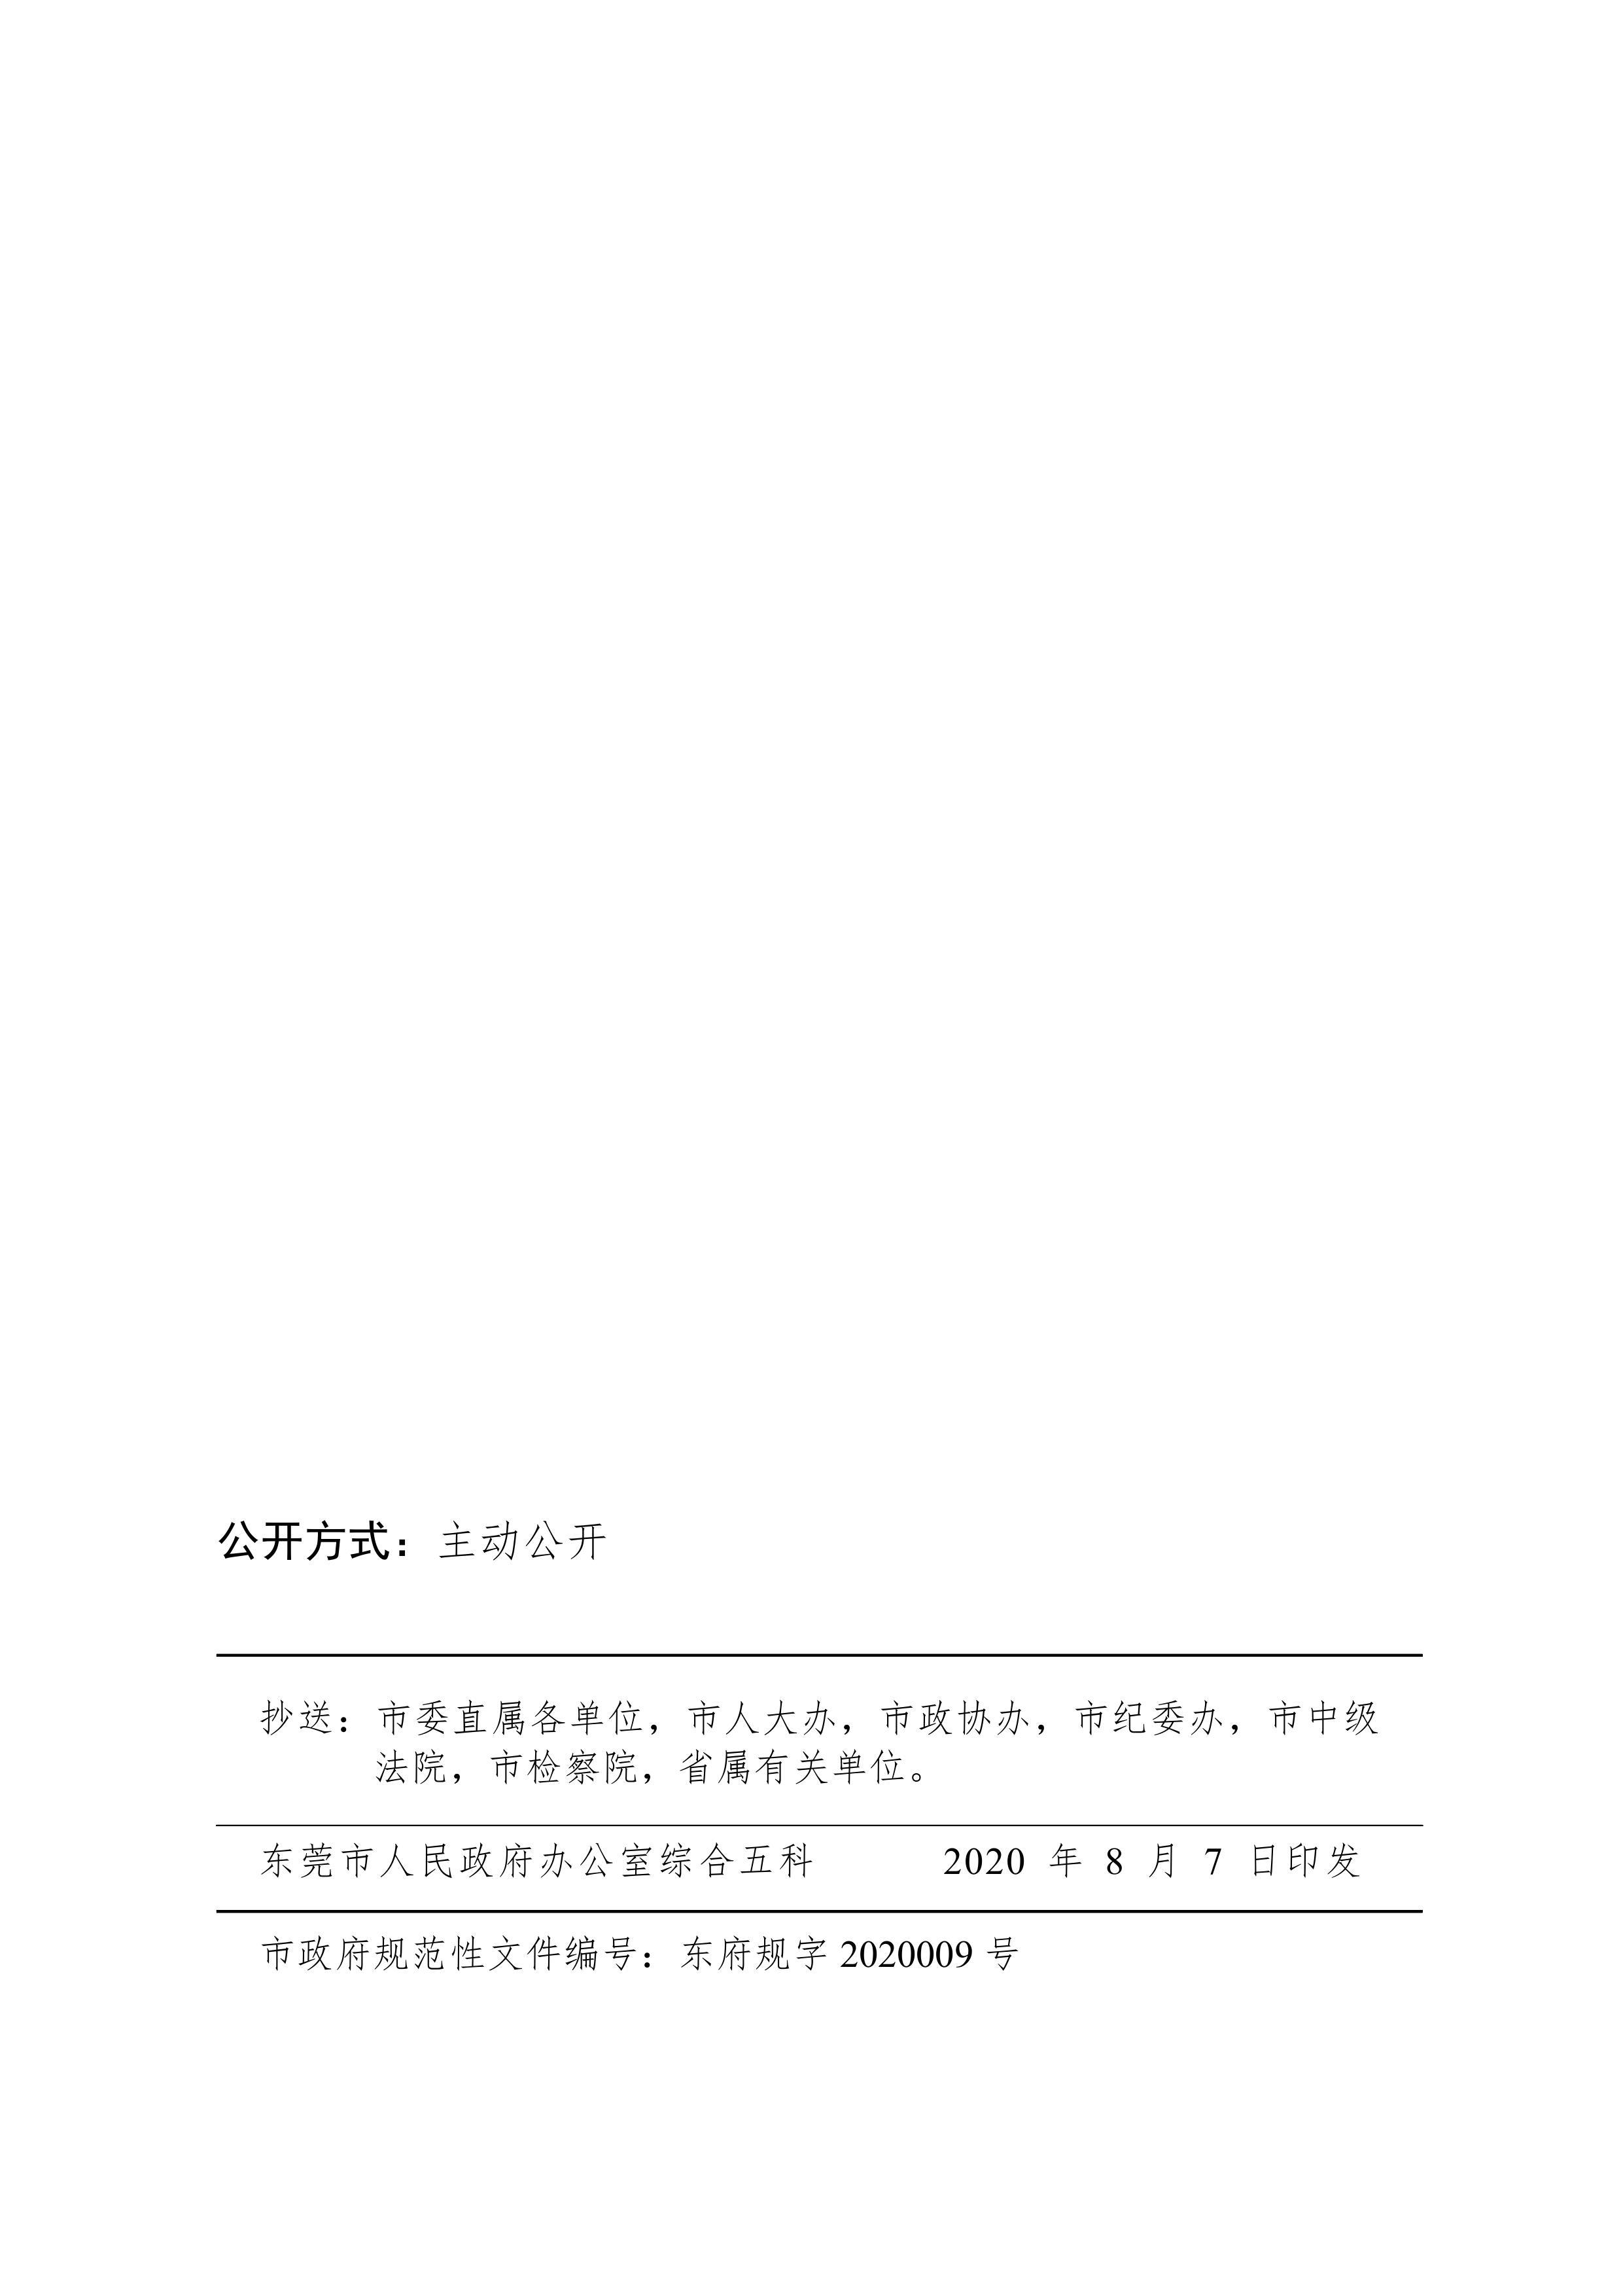 第12页.jpg